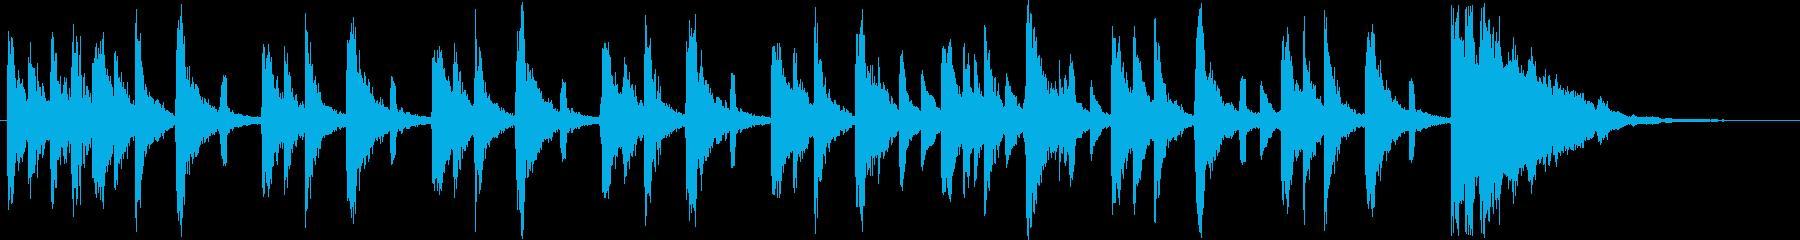 怪しげな雰囲気のシンセポップスの再生済みの波形